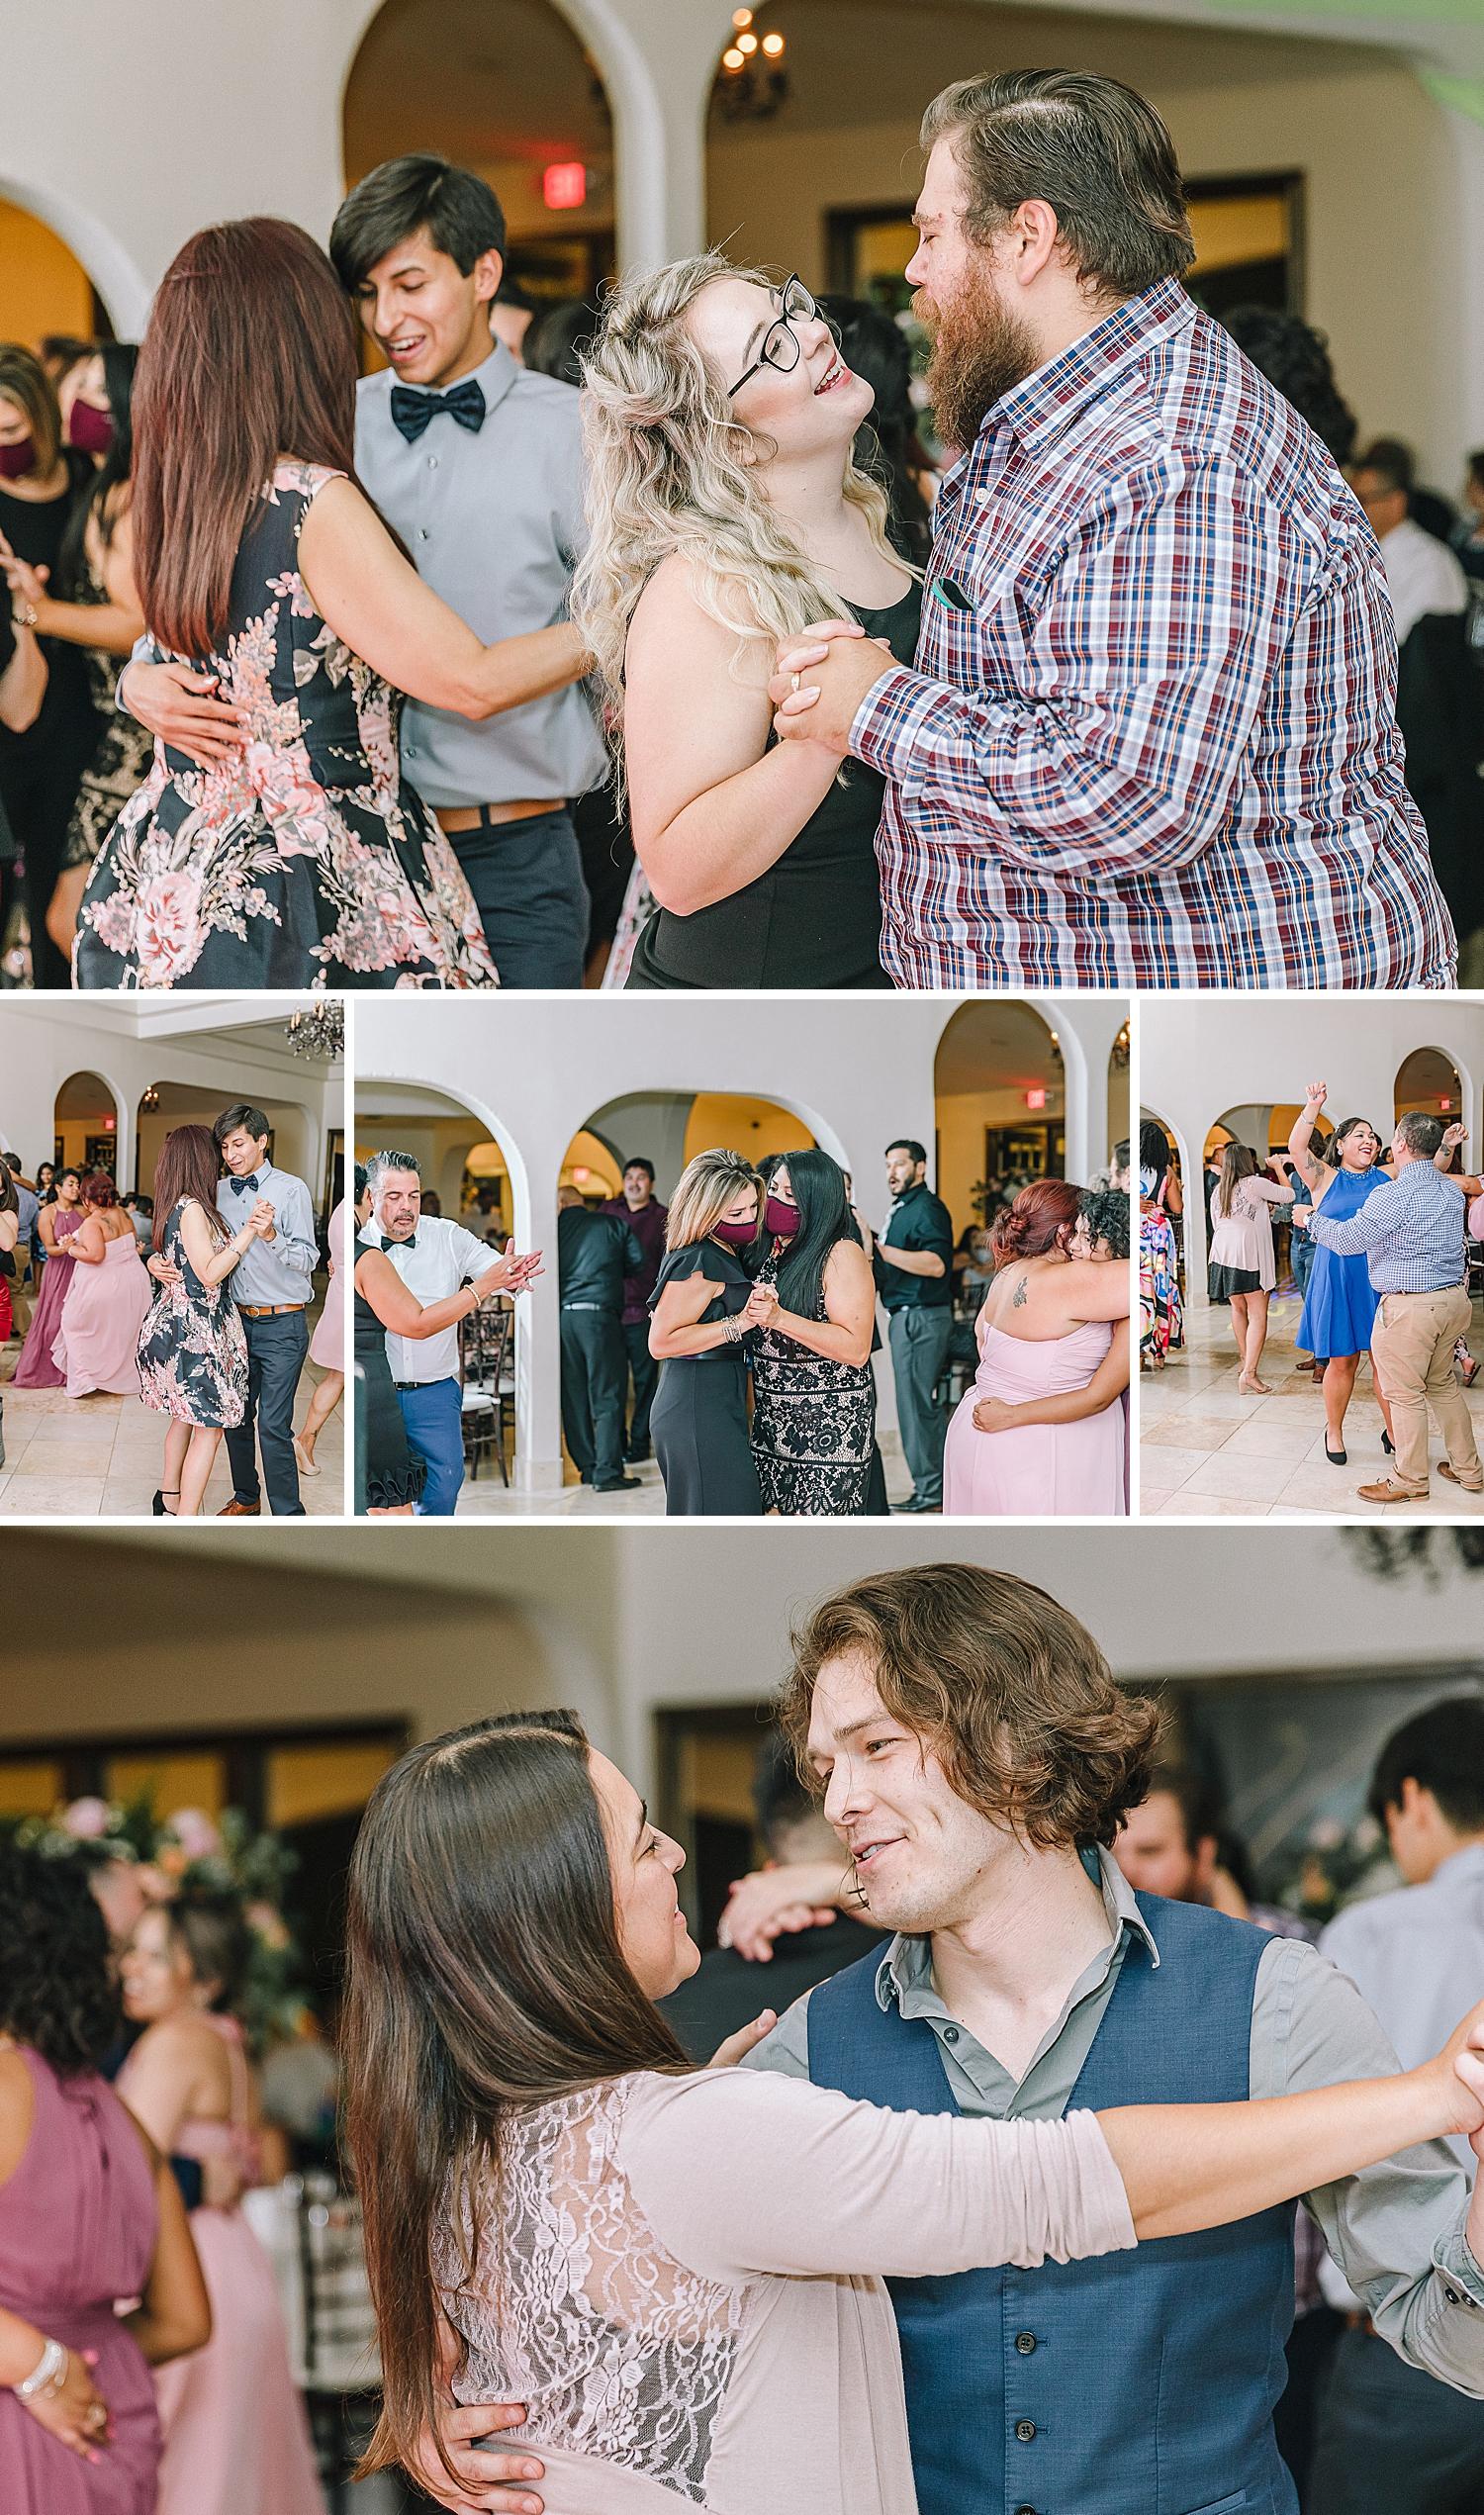 Carly-Barton-Photography-The-Villa-at-Cielo-Vista-Blush-Gold-White-Wedding-Photos_0027.jpg